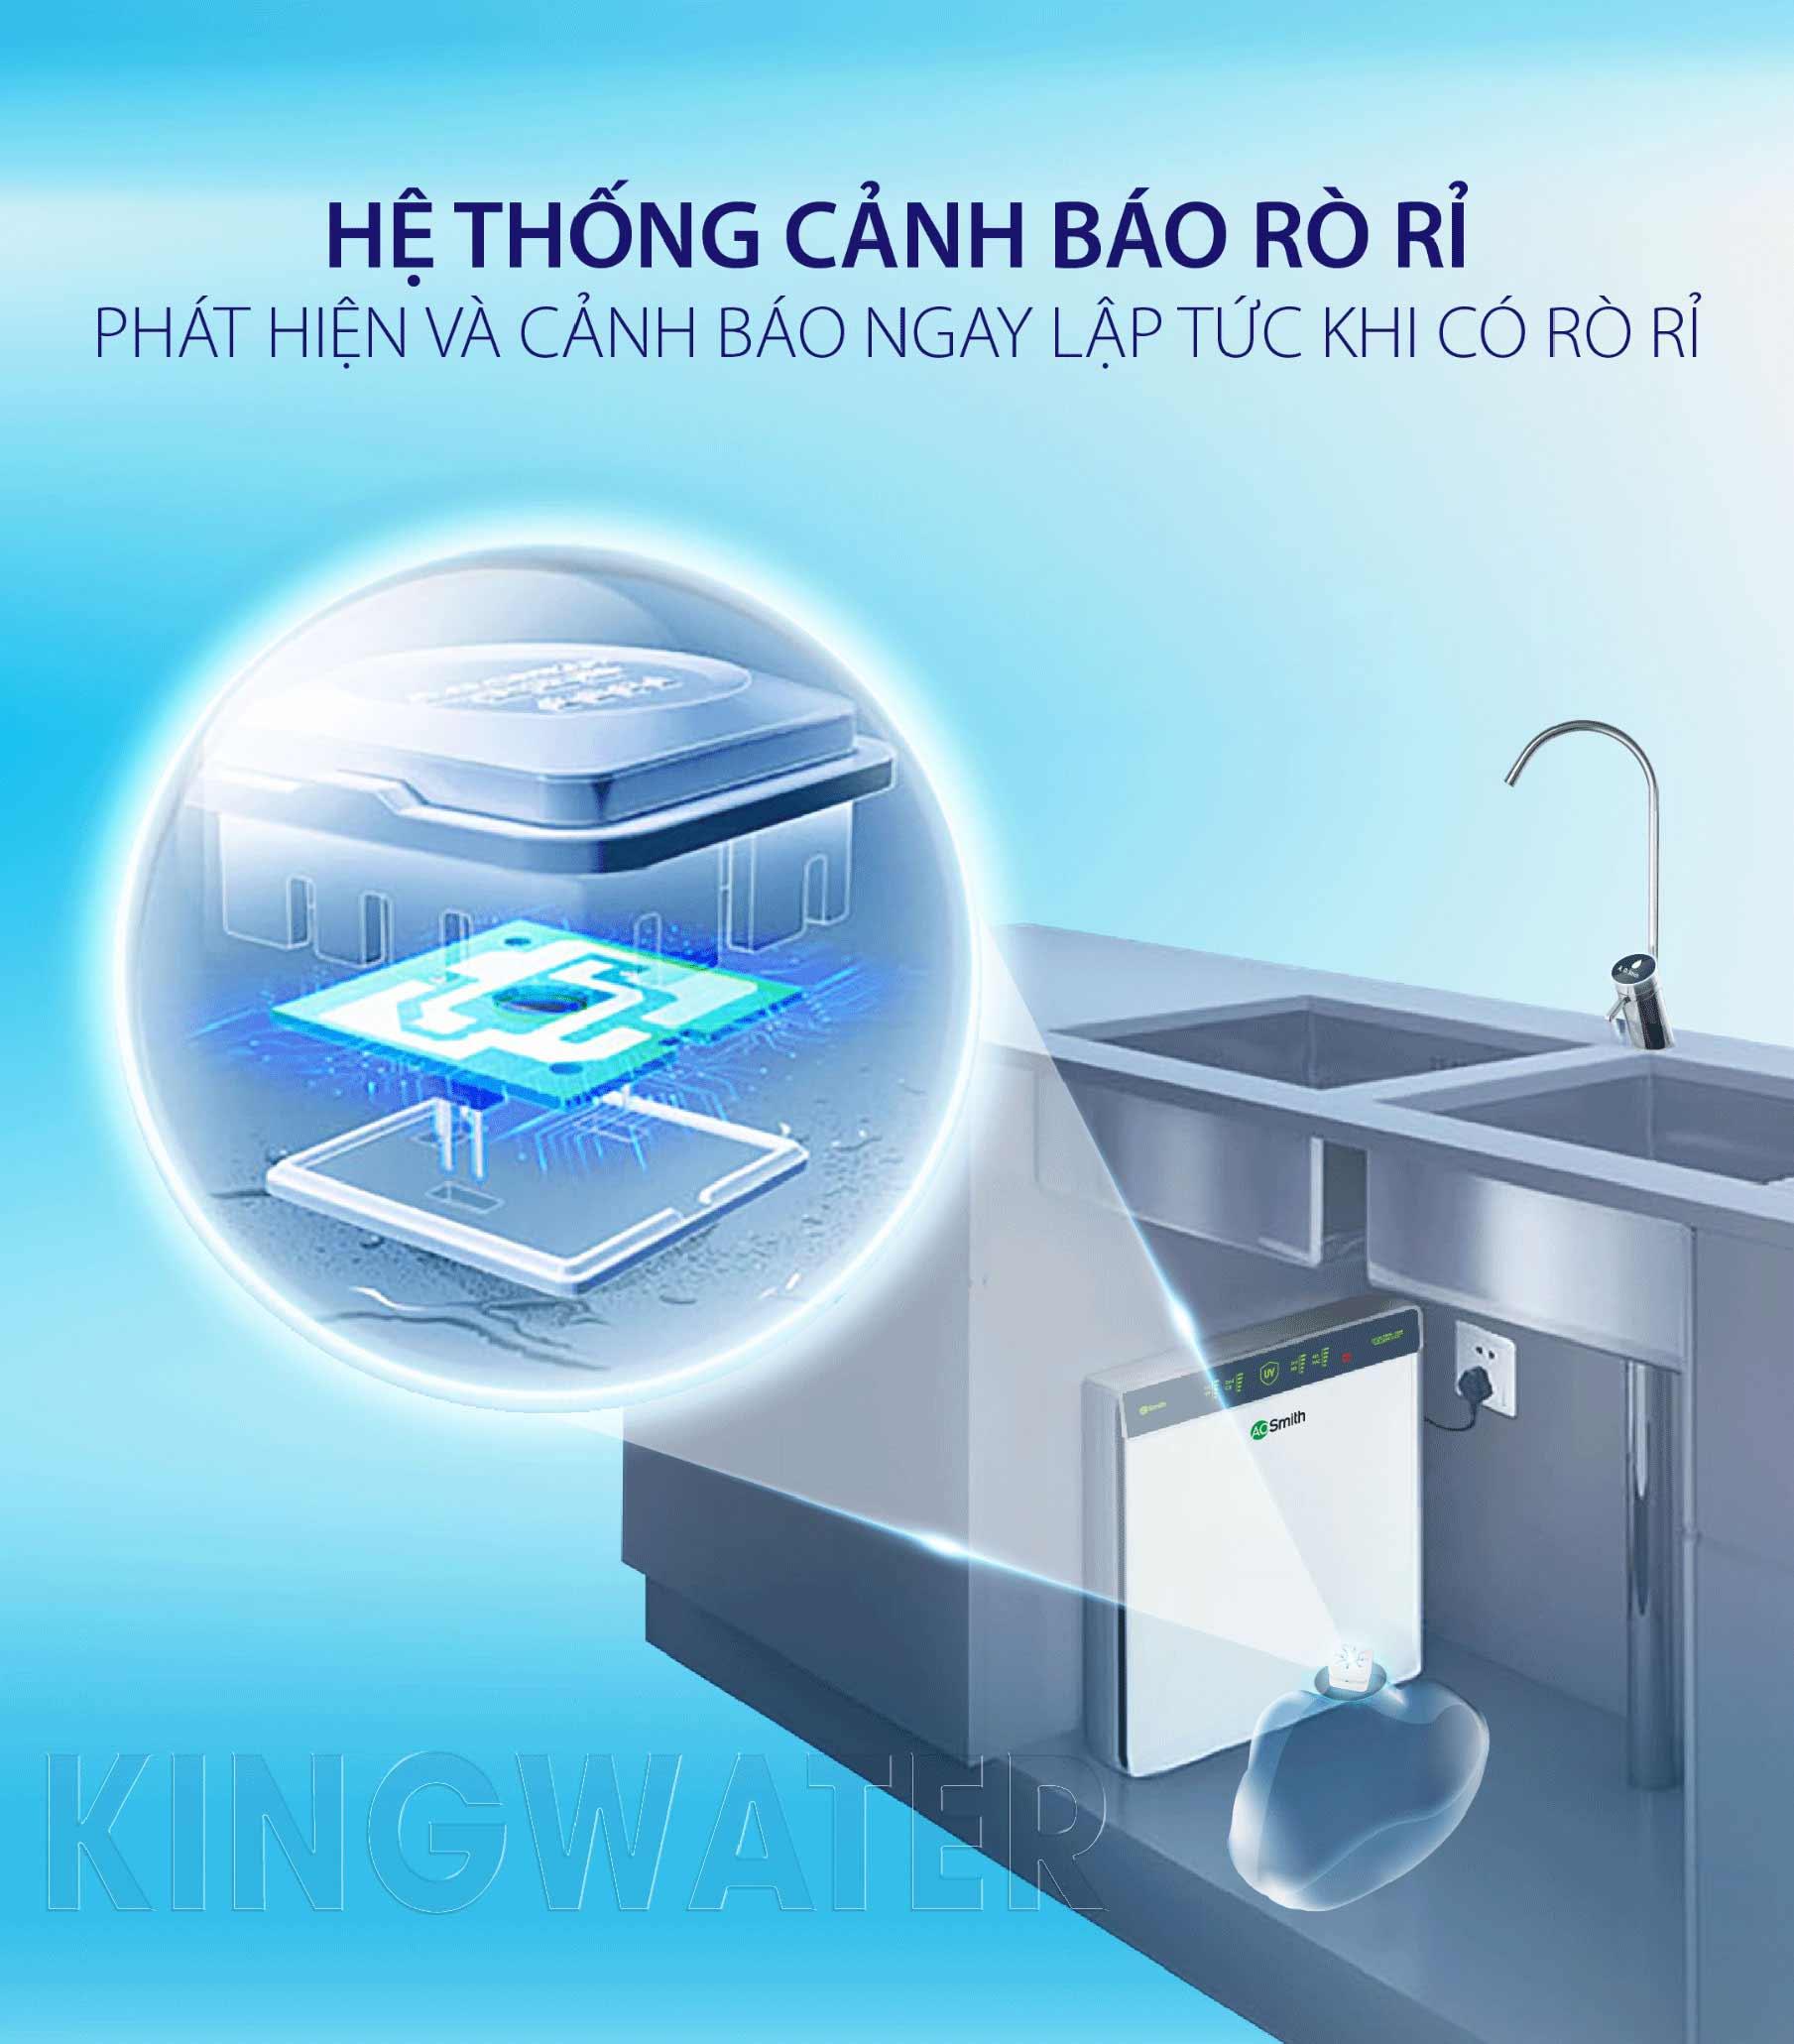 Máy lọc nước Ao Smith AR600 U3 với hệ thống cảnh báo rò rỉ giúp phát hiện ngay lập tức khi có rò rỉ